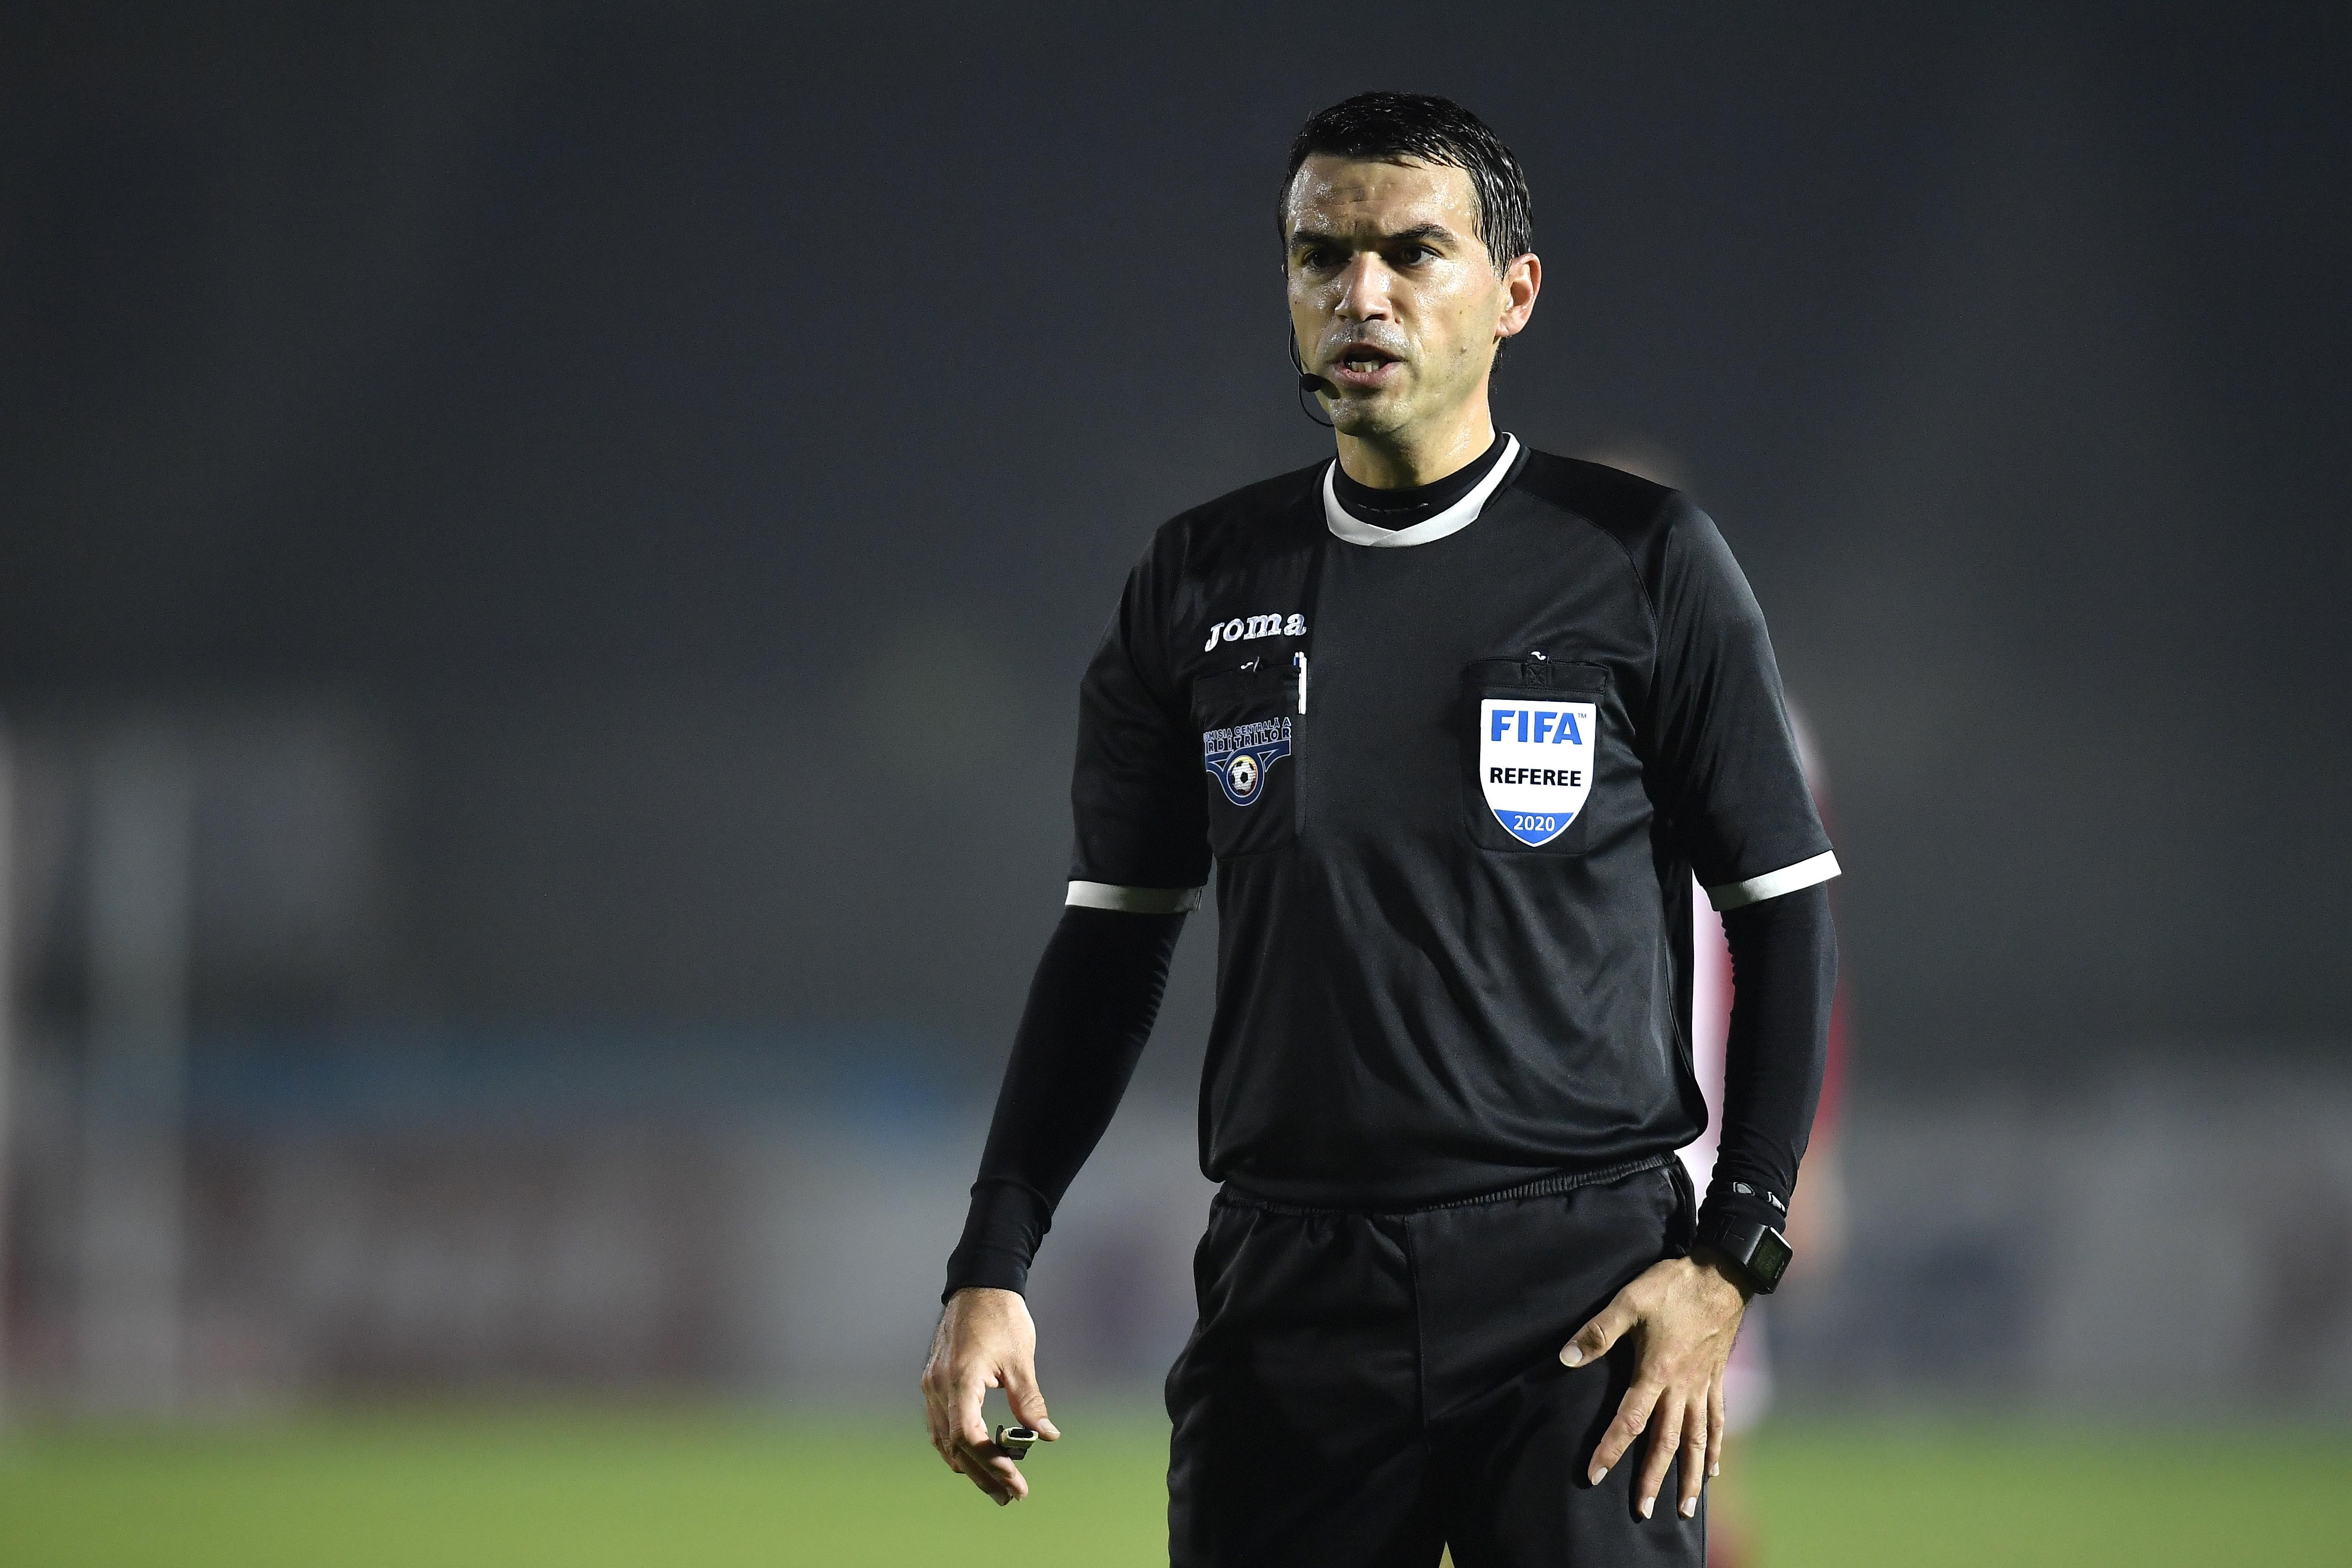 """Ce spune Ovidiu Hațegan, după incidentul din timpul meciului PSG - Istanbul Başaklehir: """"Înțelegeți situația"""""""